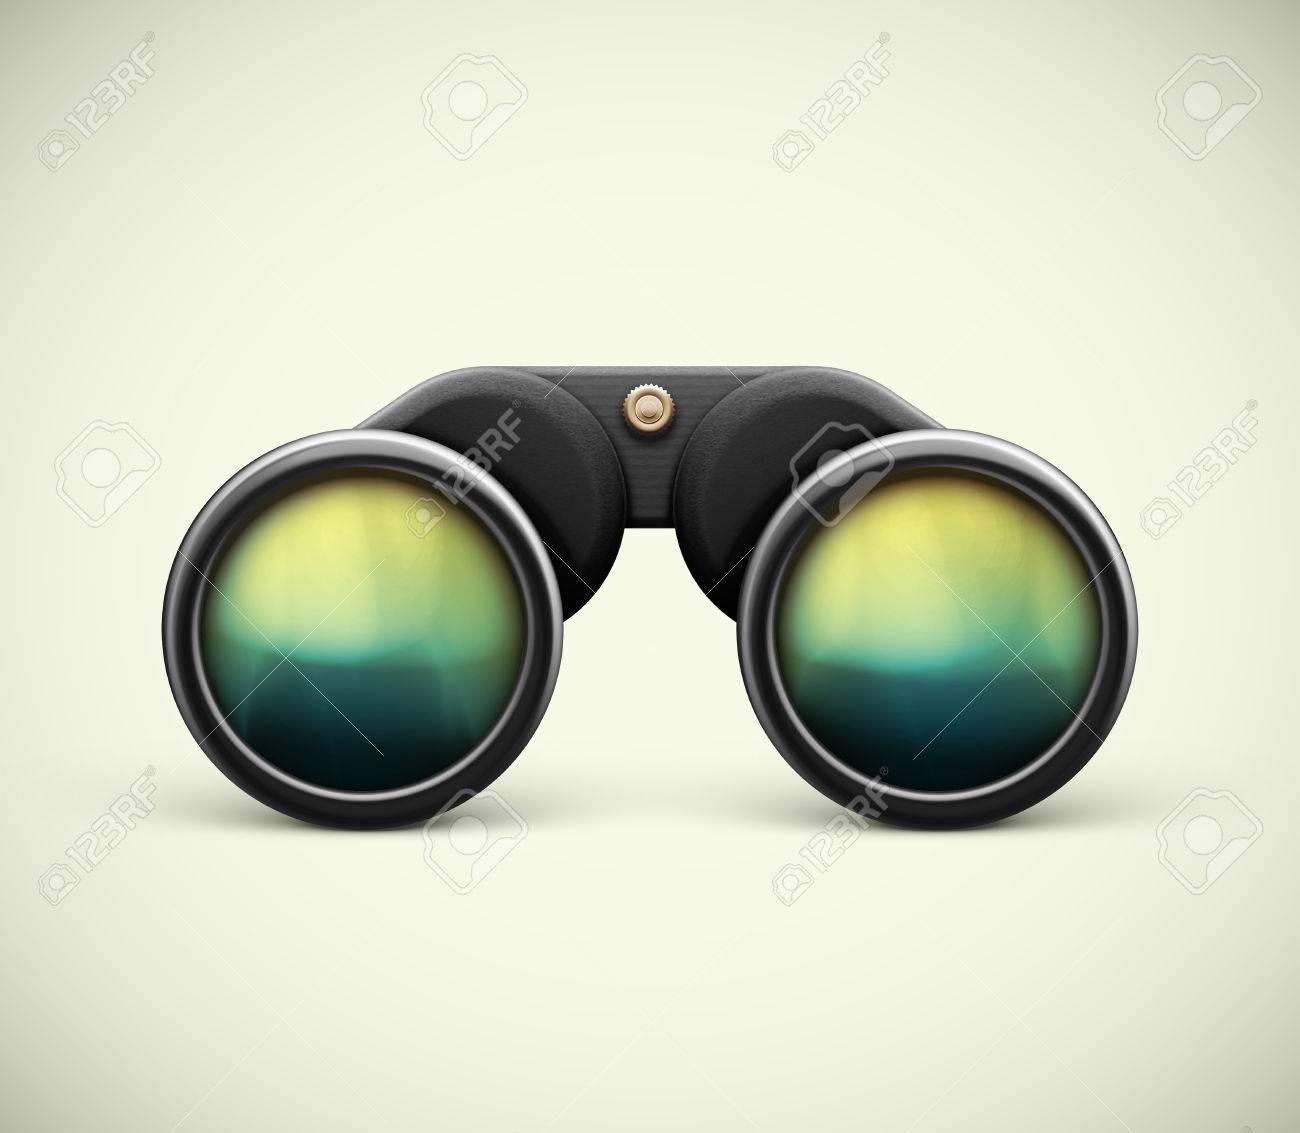 Isolated black binoculars, eps 10 - 33641379